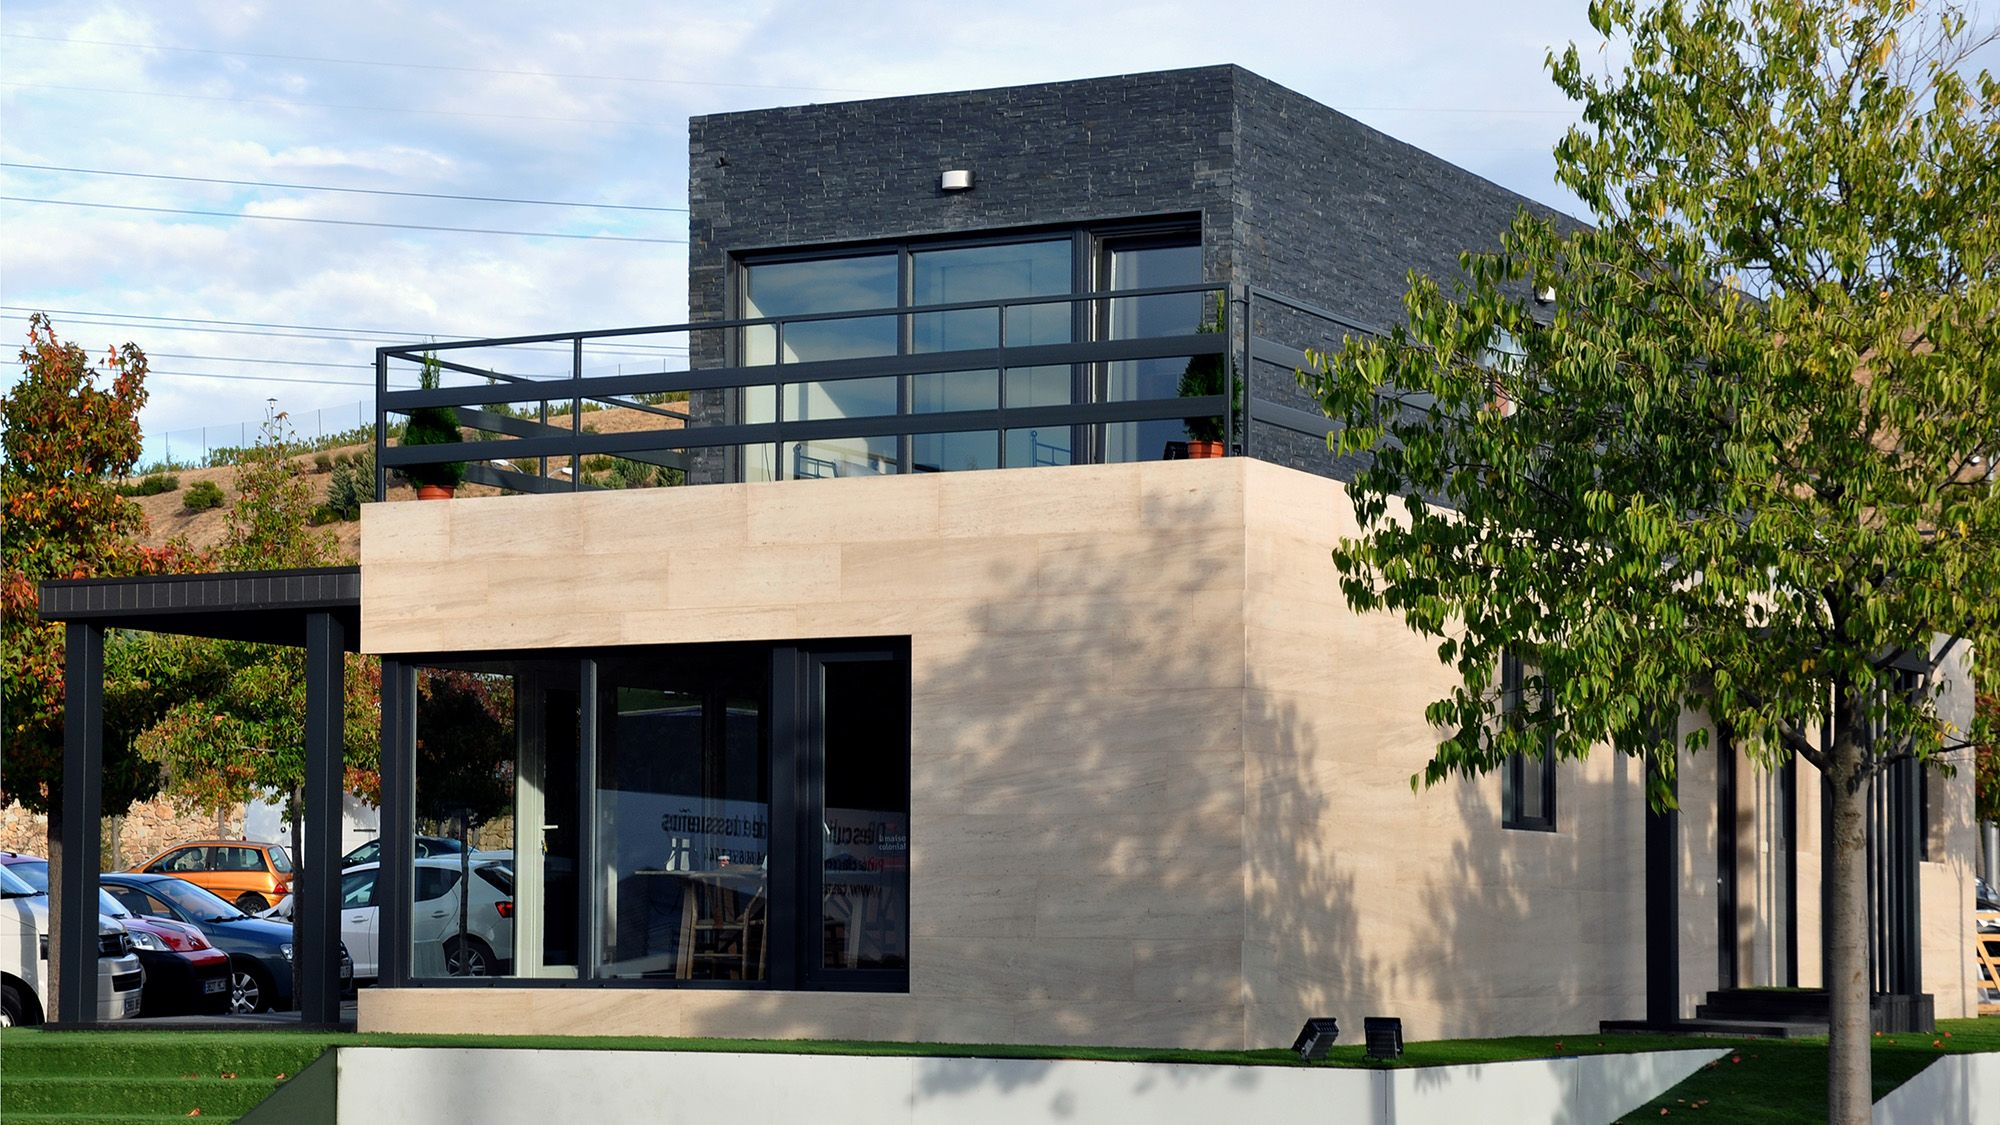 Casas cube inaugura una nueva sede en el c c xanad - Casa en arroyomolinos ...